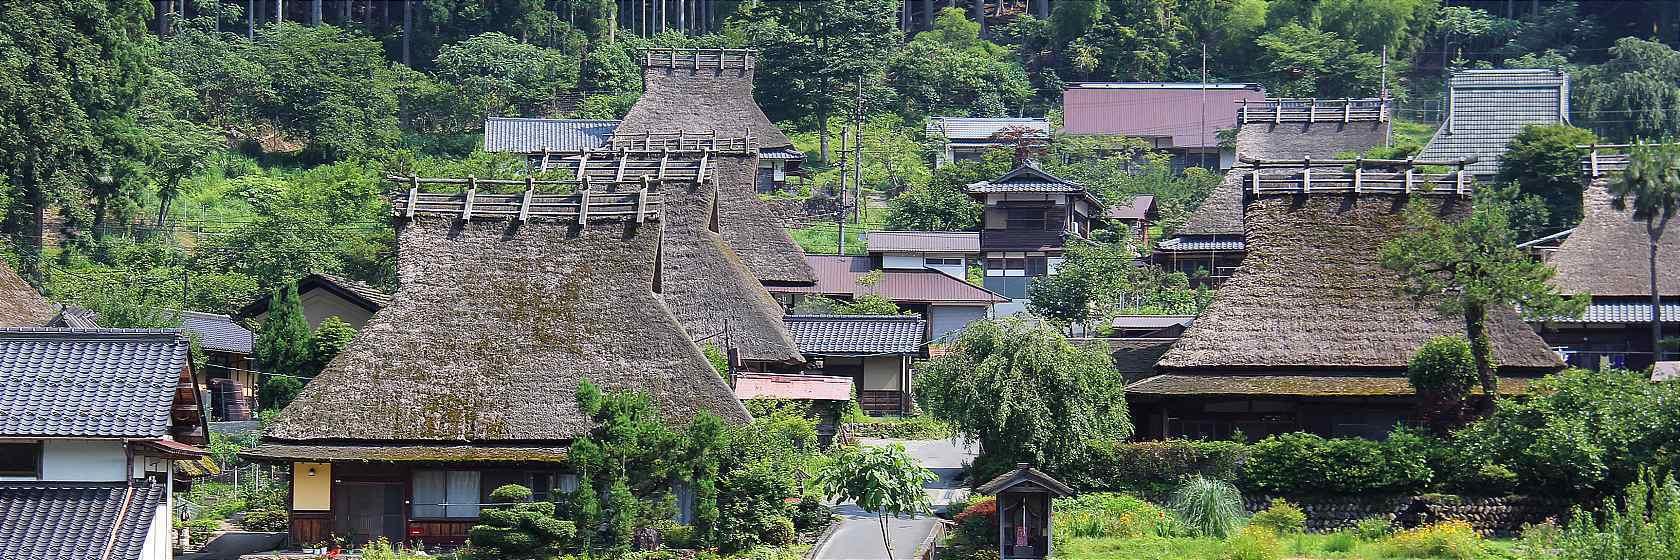 Miyama Travel Guide